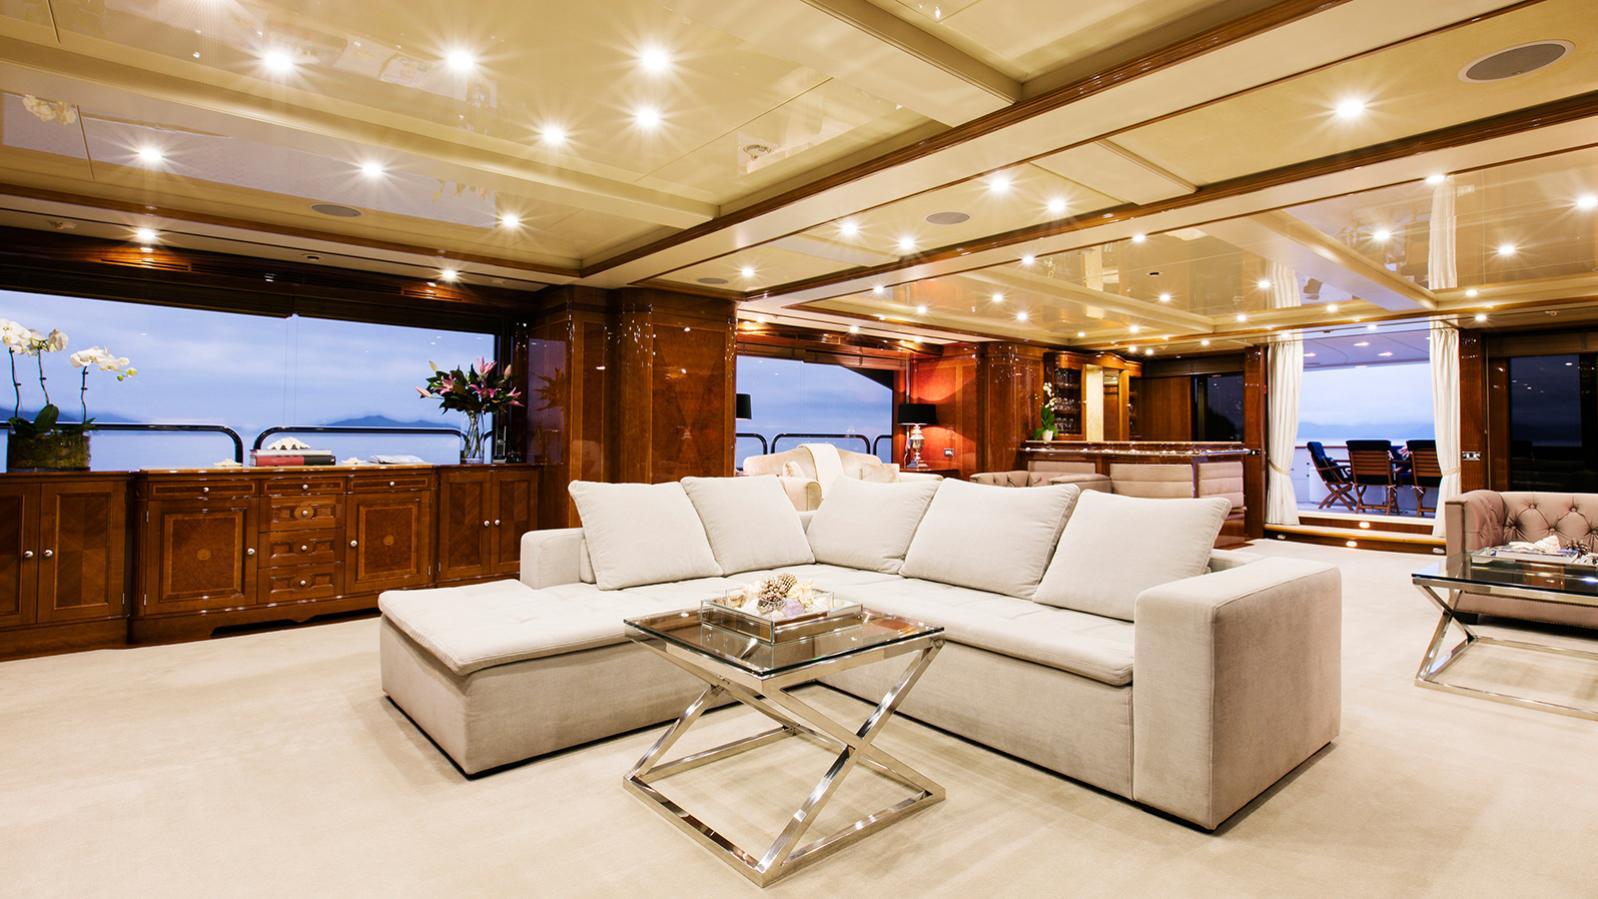 sovereign-motor-yacht-benetti-2002-44m-saloon